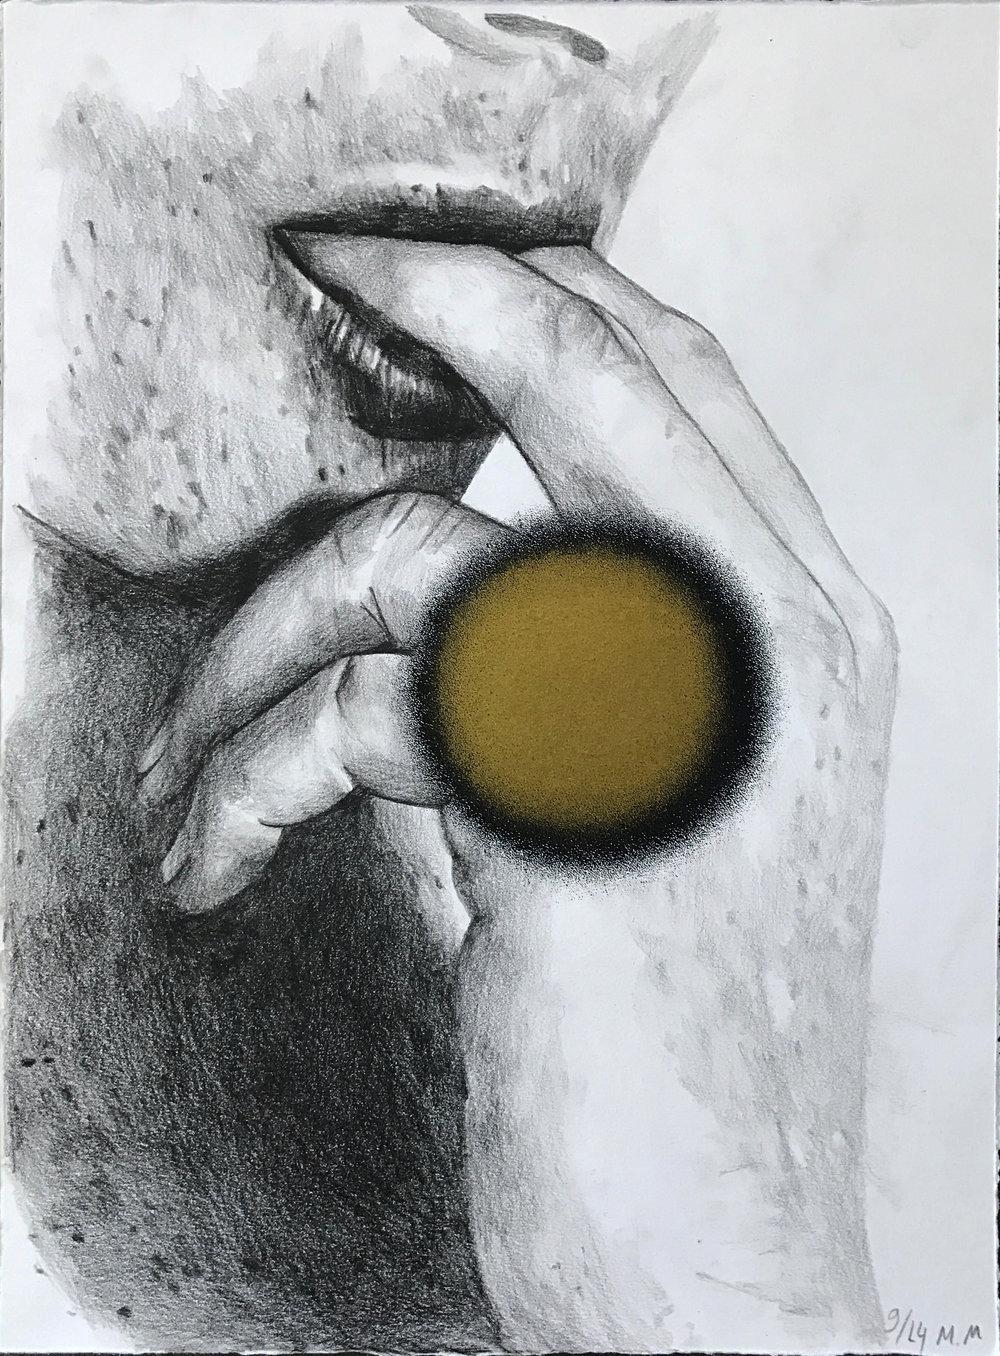 le sourire de Malevich 9/14